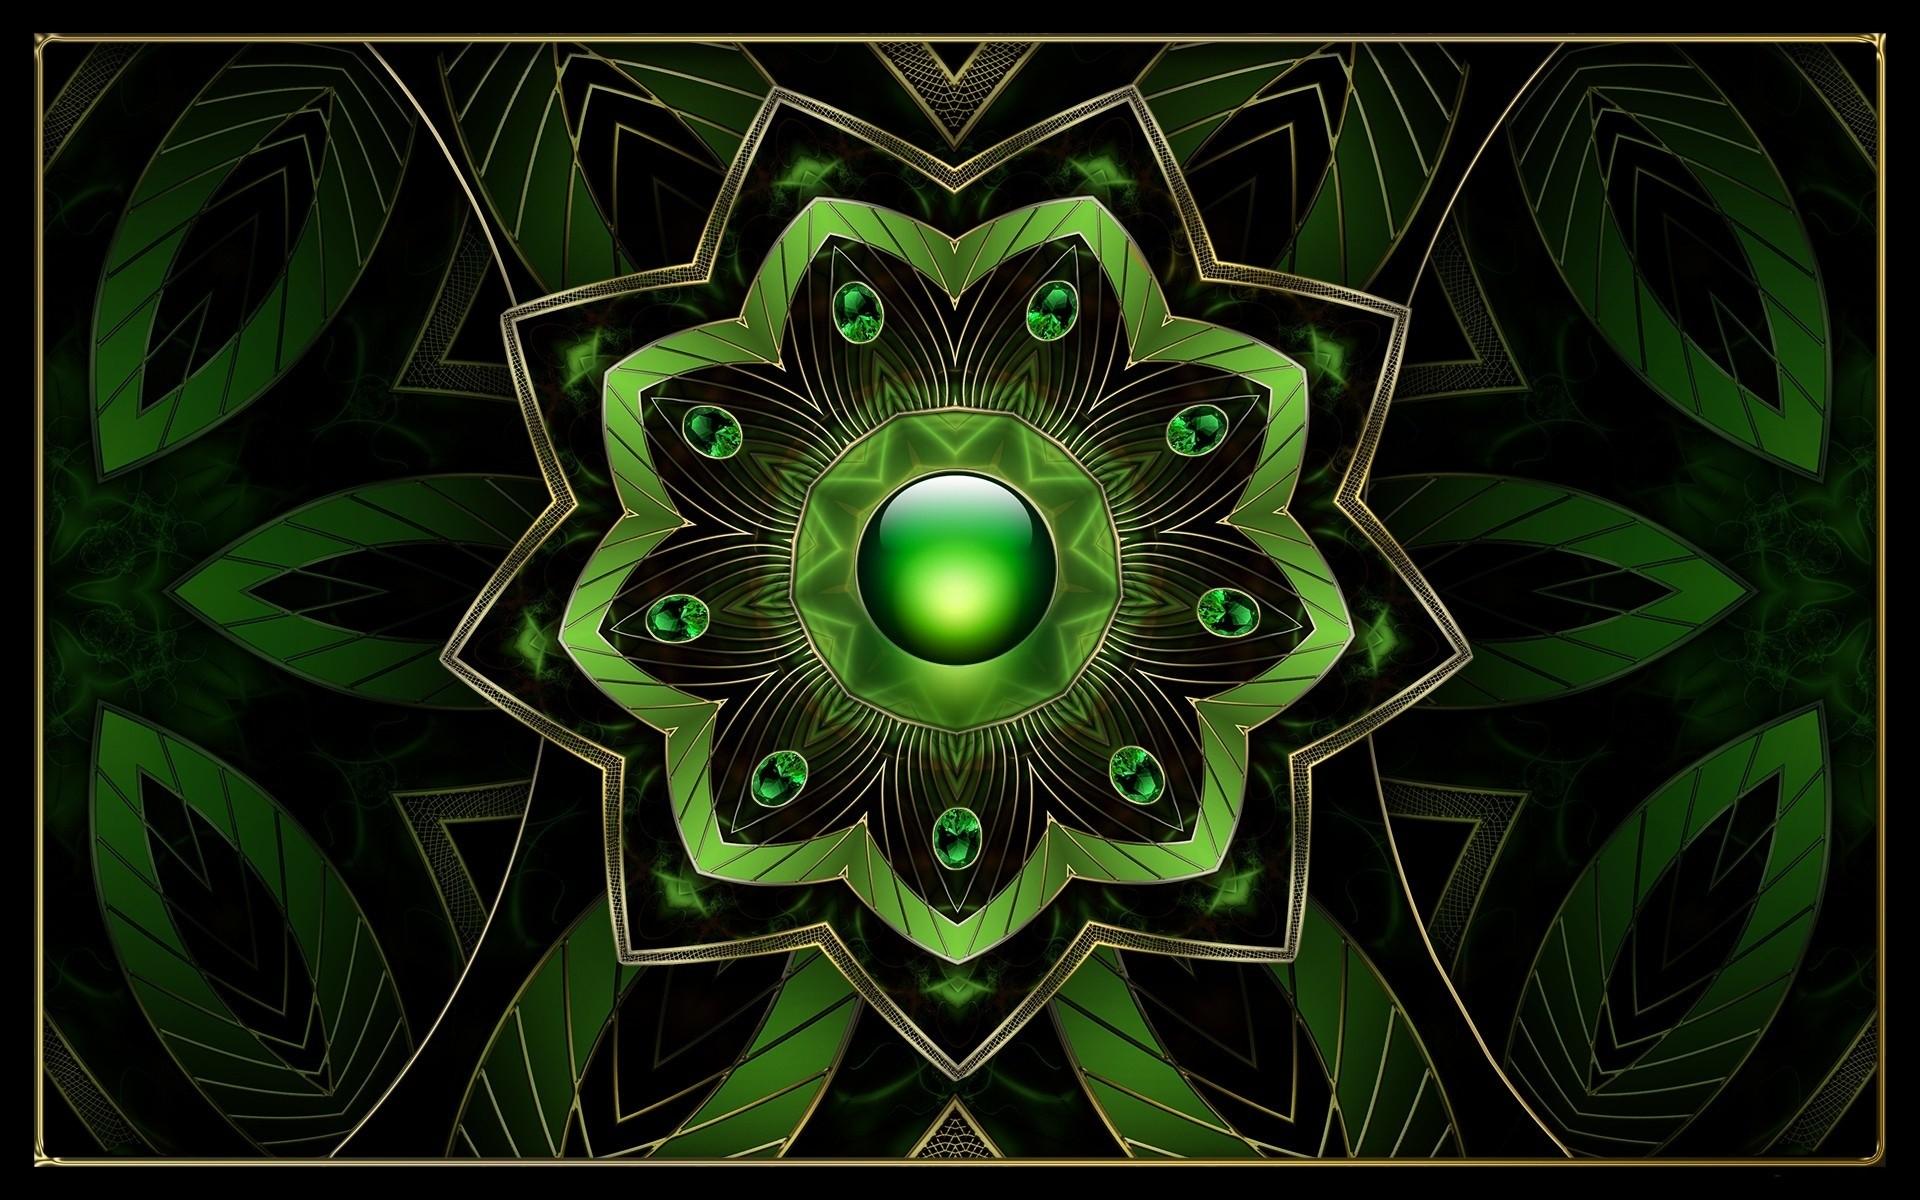 Green Fractal Art - Wallpaper #43354